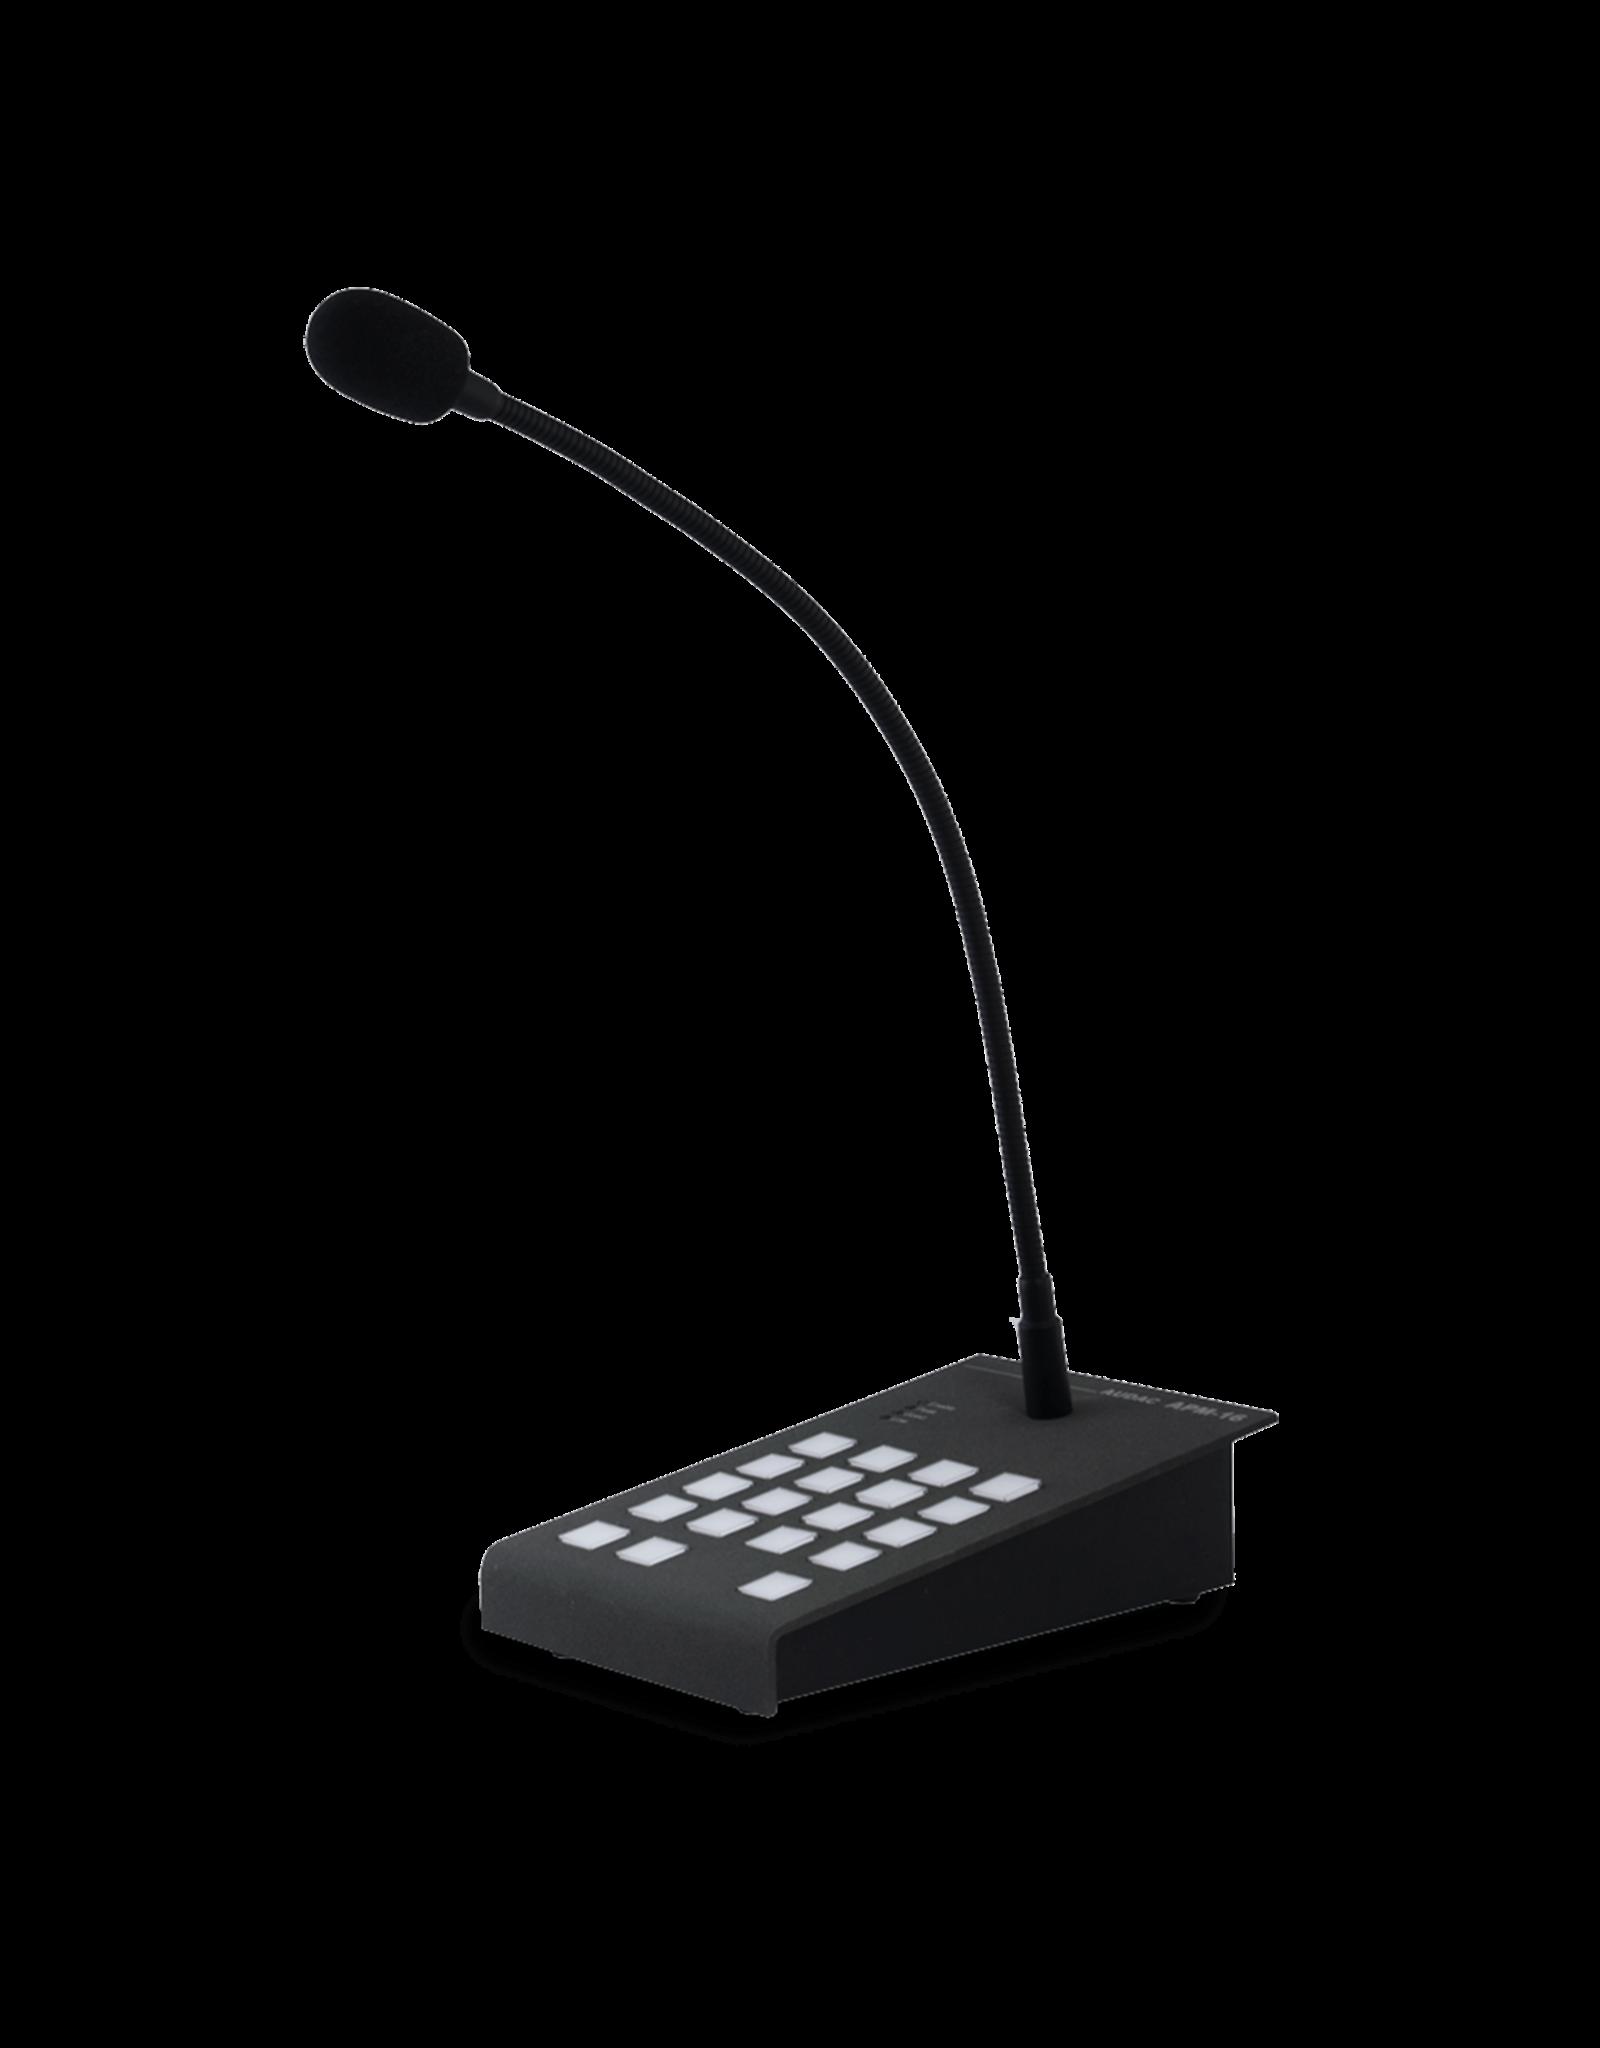 Audac Digital paging microphone 16 zones Digital paging microphone 16 zones